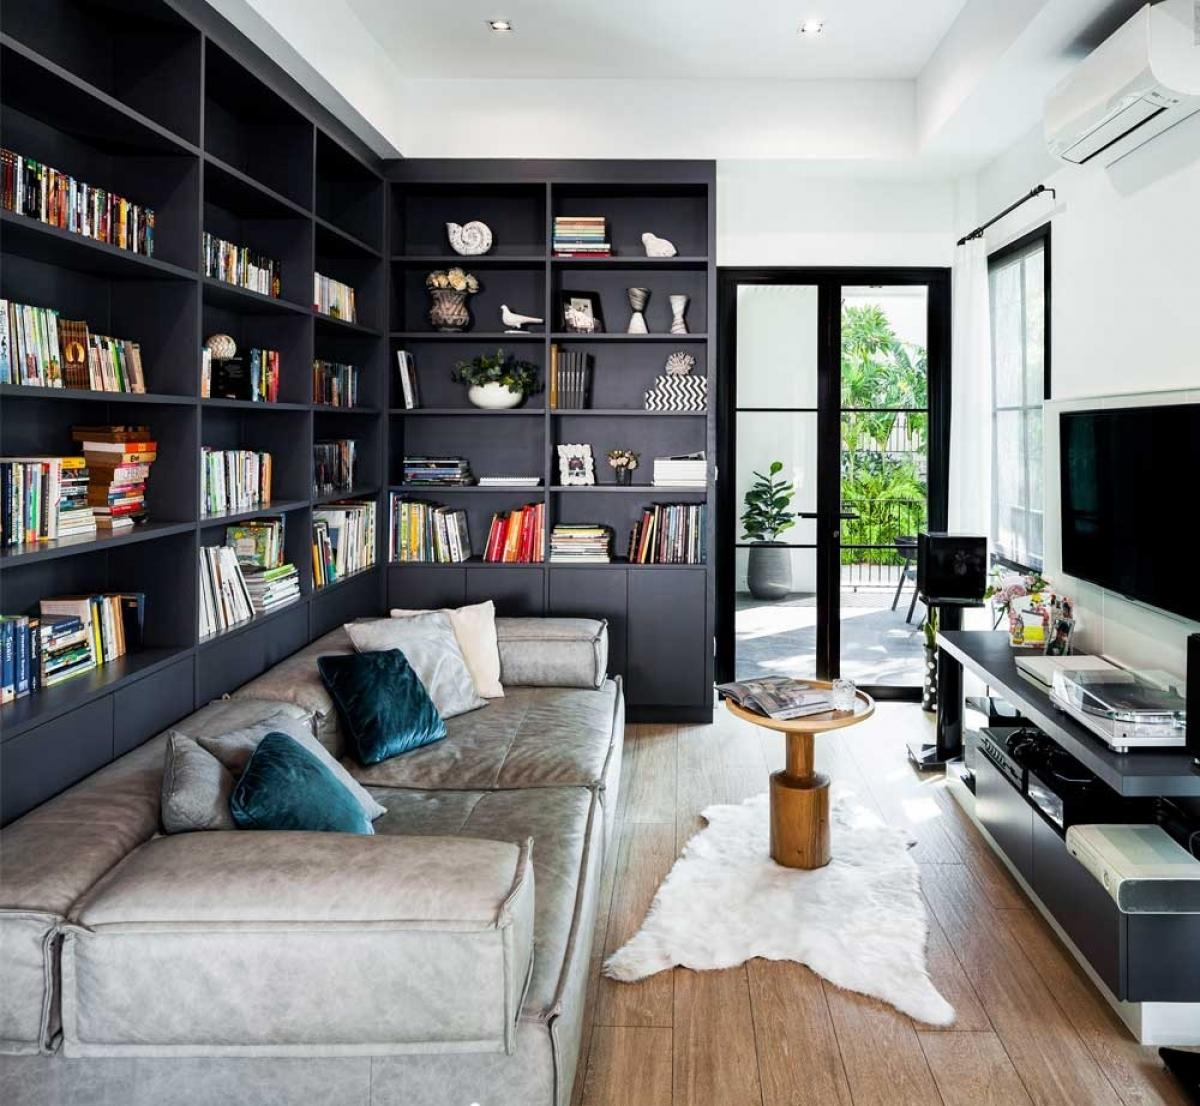 Một căn phòng riêng cho không gian đọc sách và thư giãn cùng chiếc ghế đệm lớn.